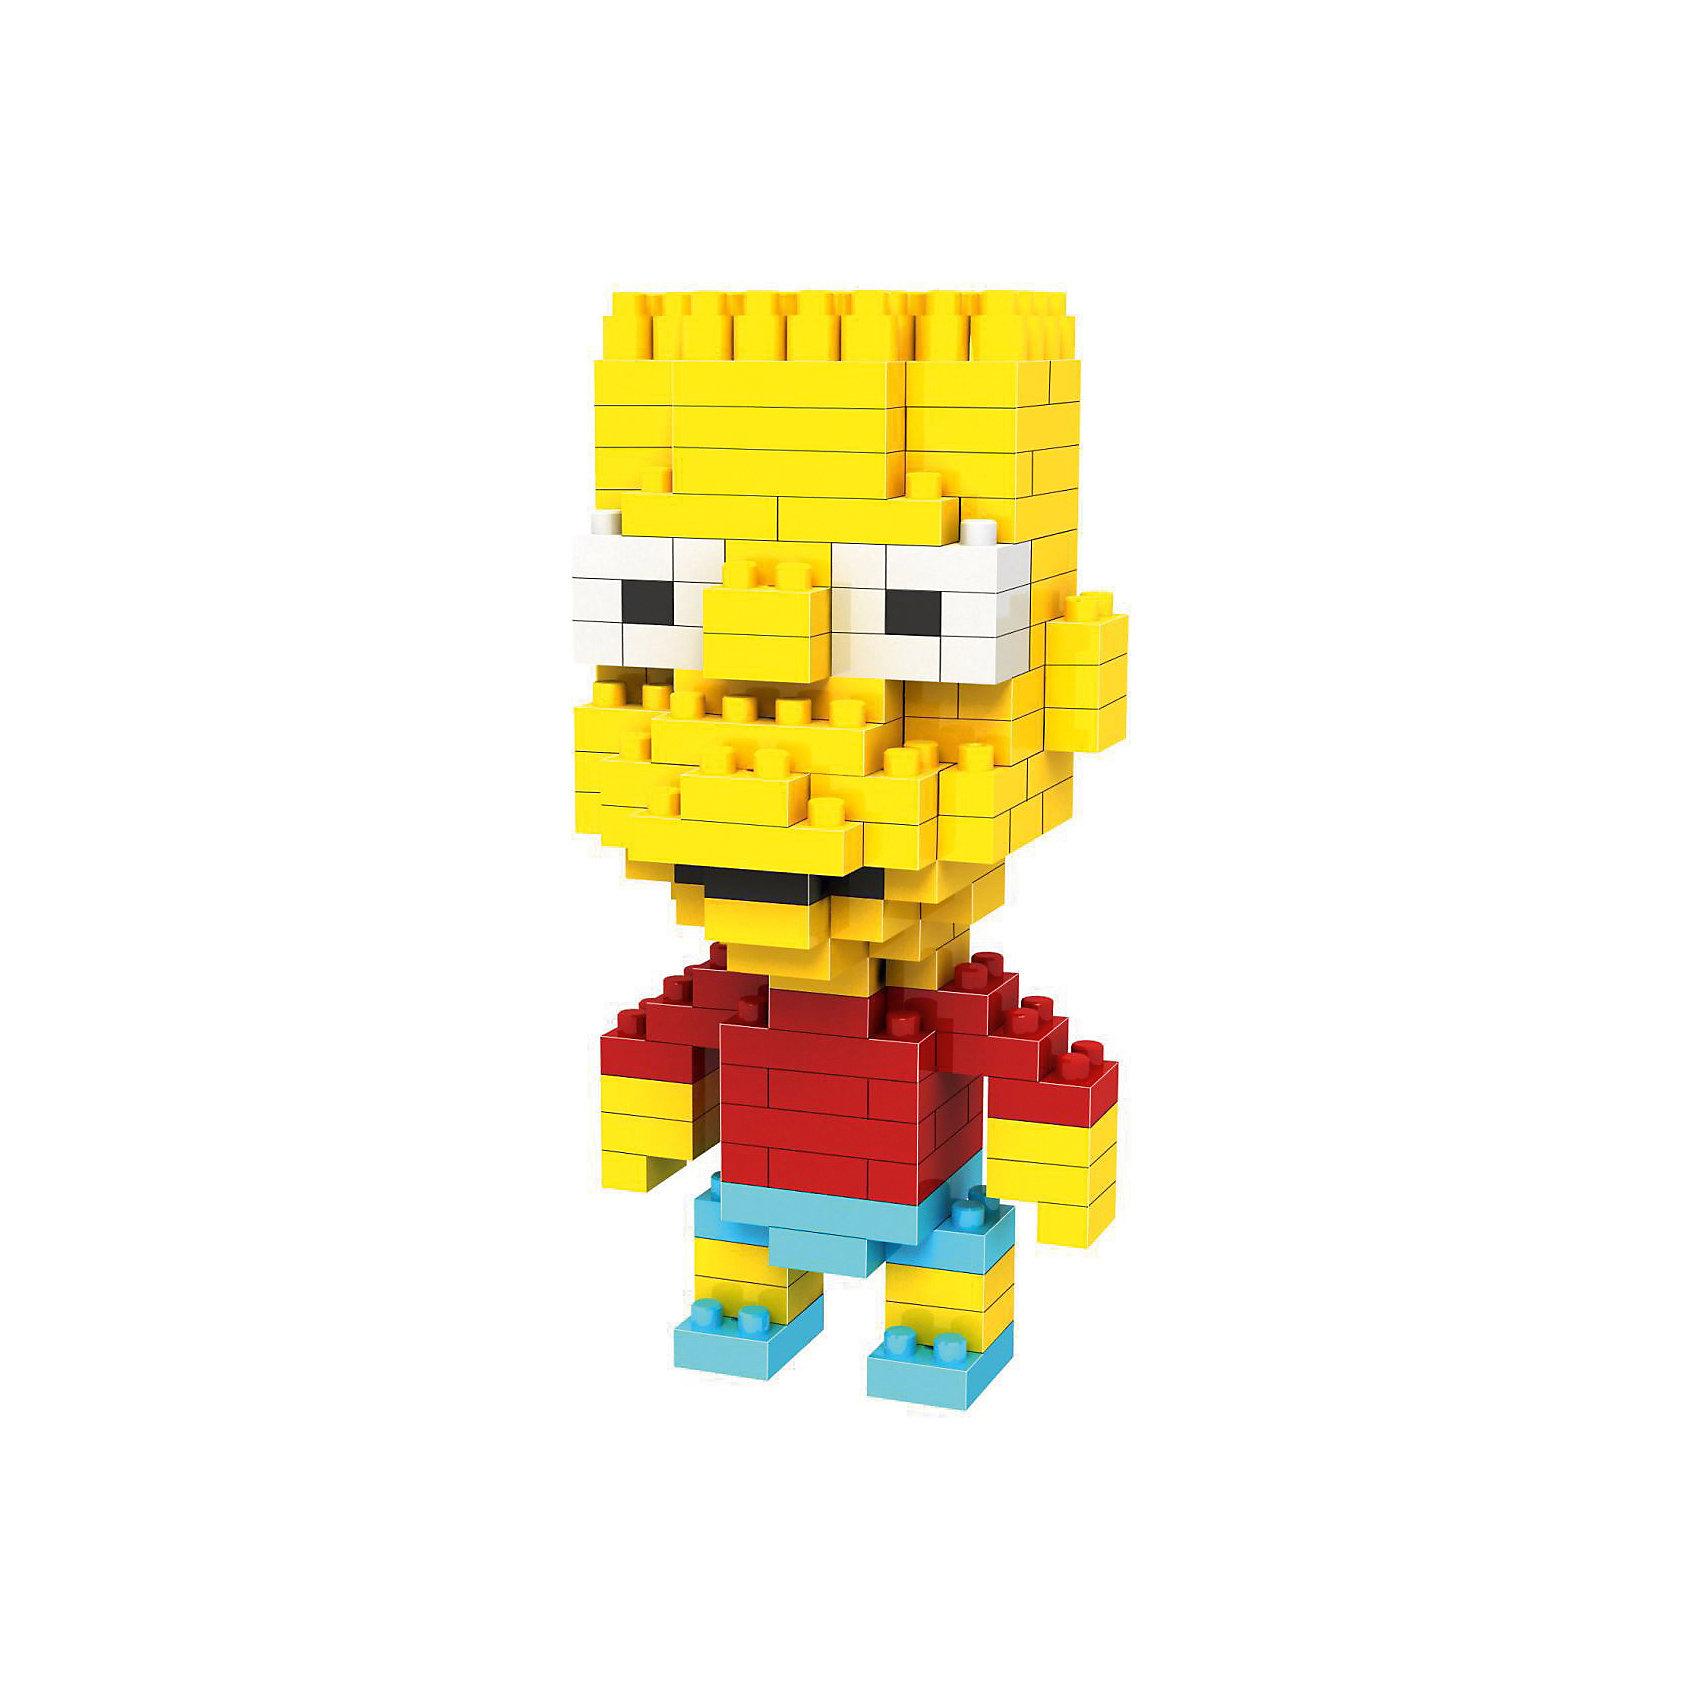 Конструктор Барт - реальный пацан, Симпсоны, LozПластмассовые конструкторы<br>Конструктор Барт - реальный пацан, Симпсоны, Loz<br><br>Конструкторы компании Loz - это необычные конструкторы. Они состоят из множества маленьких деталей - наноблоков. Конструктор Diamond Block Барт - реальный пацан - один из конструкторов подарочной серии. Это настоящая головоломка, так как для того чтобы собрать модель, Вам потребуется пара часов и немало терпения. Результатом работы станет милая фигурка маленького непоседы Барта из популярного мультфильма Симпсоны. <br><br><br>В набор входит 200 деталей конструктора и подробная инструкция.<br>Детали выполнены из высококачественного безопасного пластика.<br><br>Ширина мм: 75<br>Глубина мм: 75<br>Высота мм: 75<br>Вес г: 50<br>Возраст от месяцев: 108<br>Возраст до месяцев: 192<br>Пол: Мужской<br>Возраст: Детский<br>SKU: 5124652